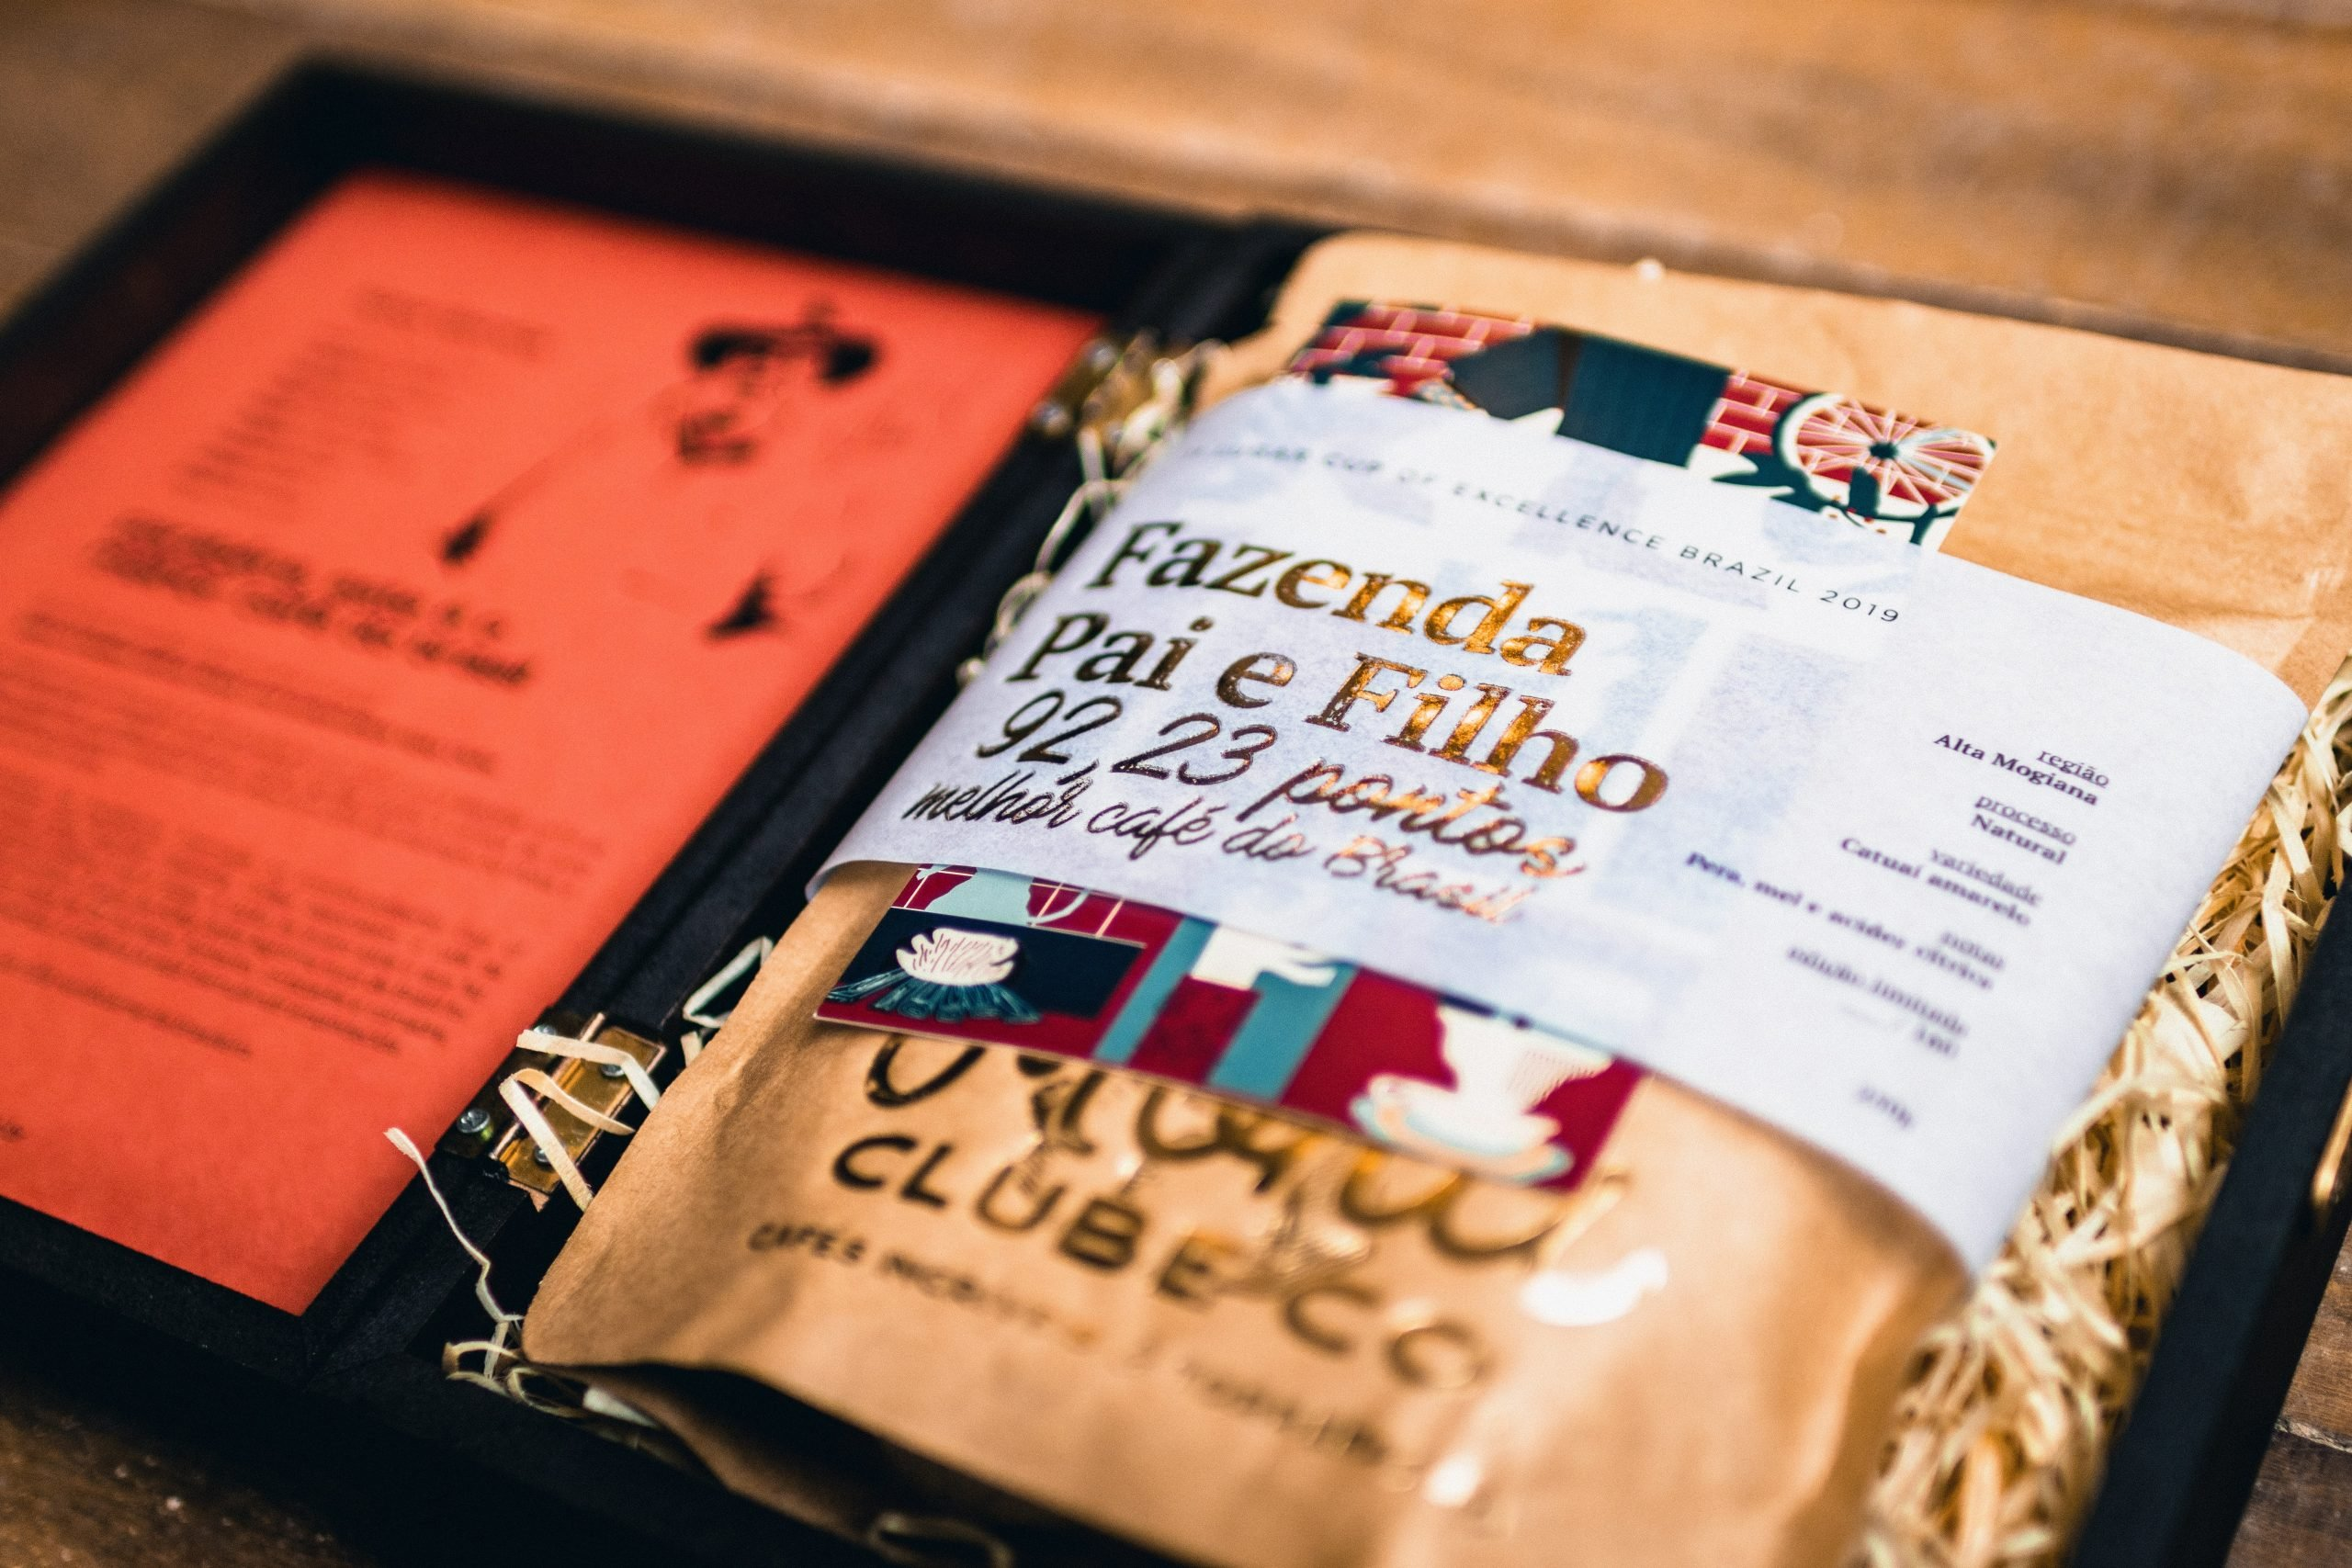 Café da Fazendo Pai e Filho, edição de luxo do clube de assinatura de café do Moka Clube.